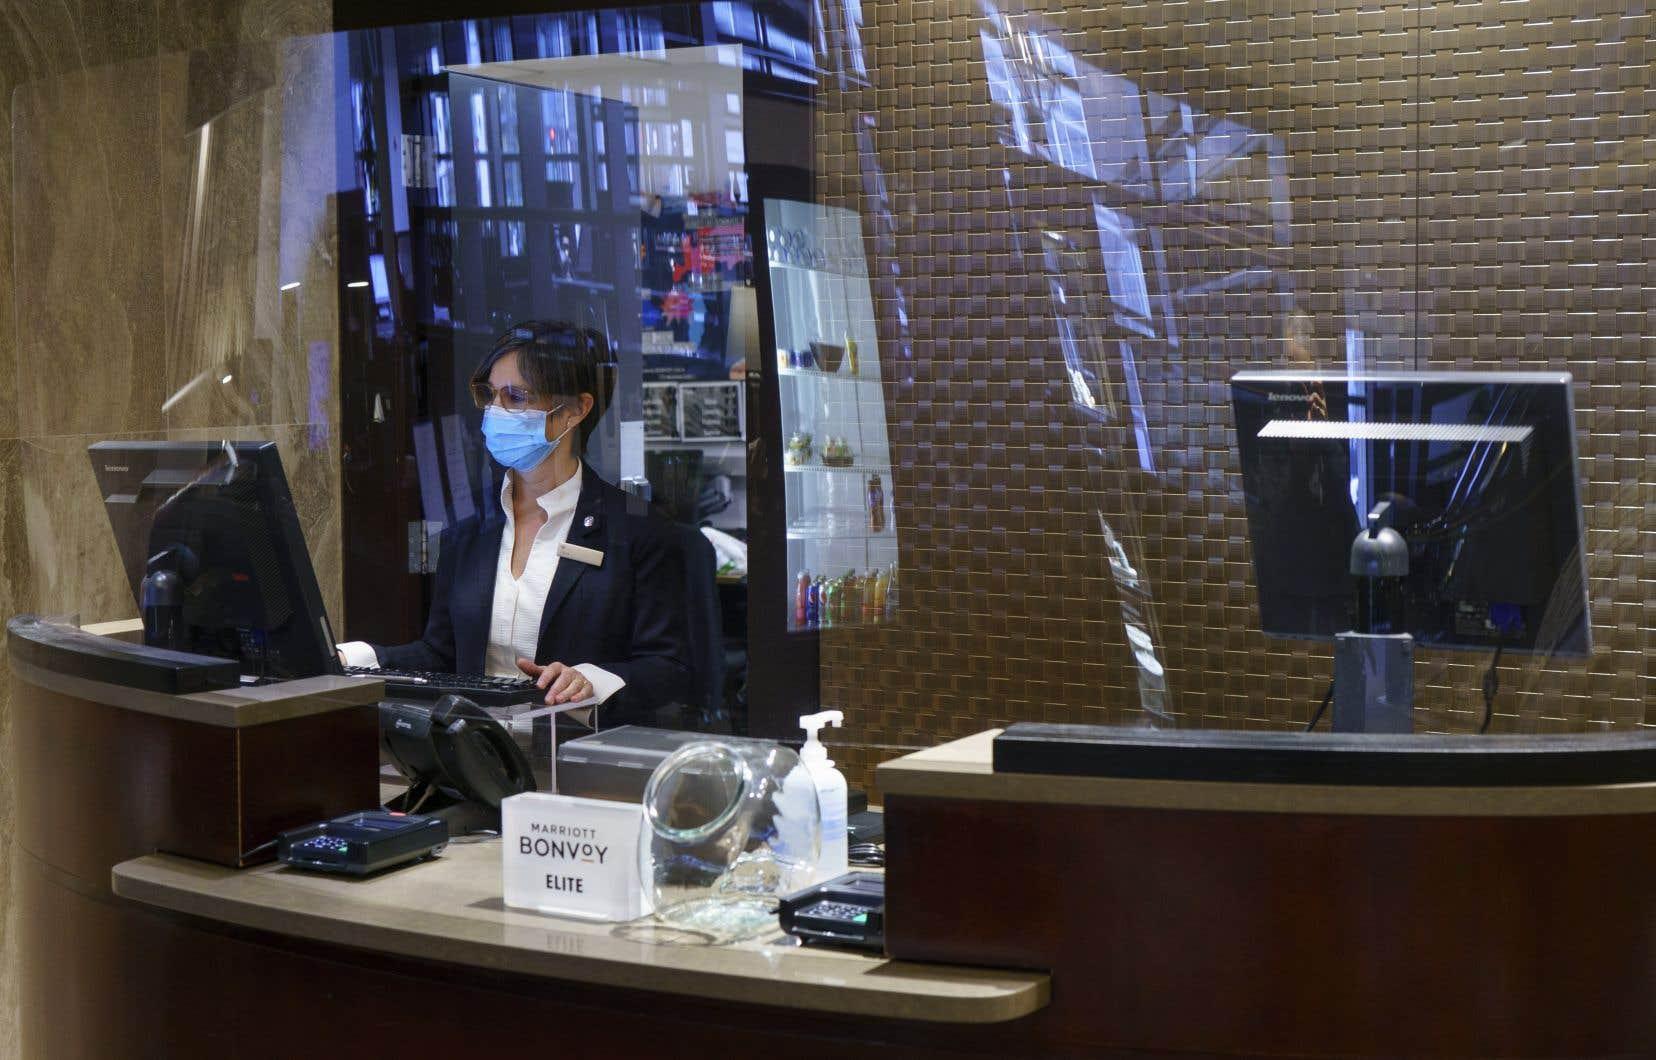 L'idée d'une quarantaine obligatoireest bien accueillie par l'industrie hôtelière, dont les taux d'occupation sont anémiques depuis le début de la pandémie.